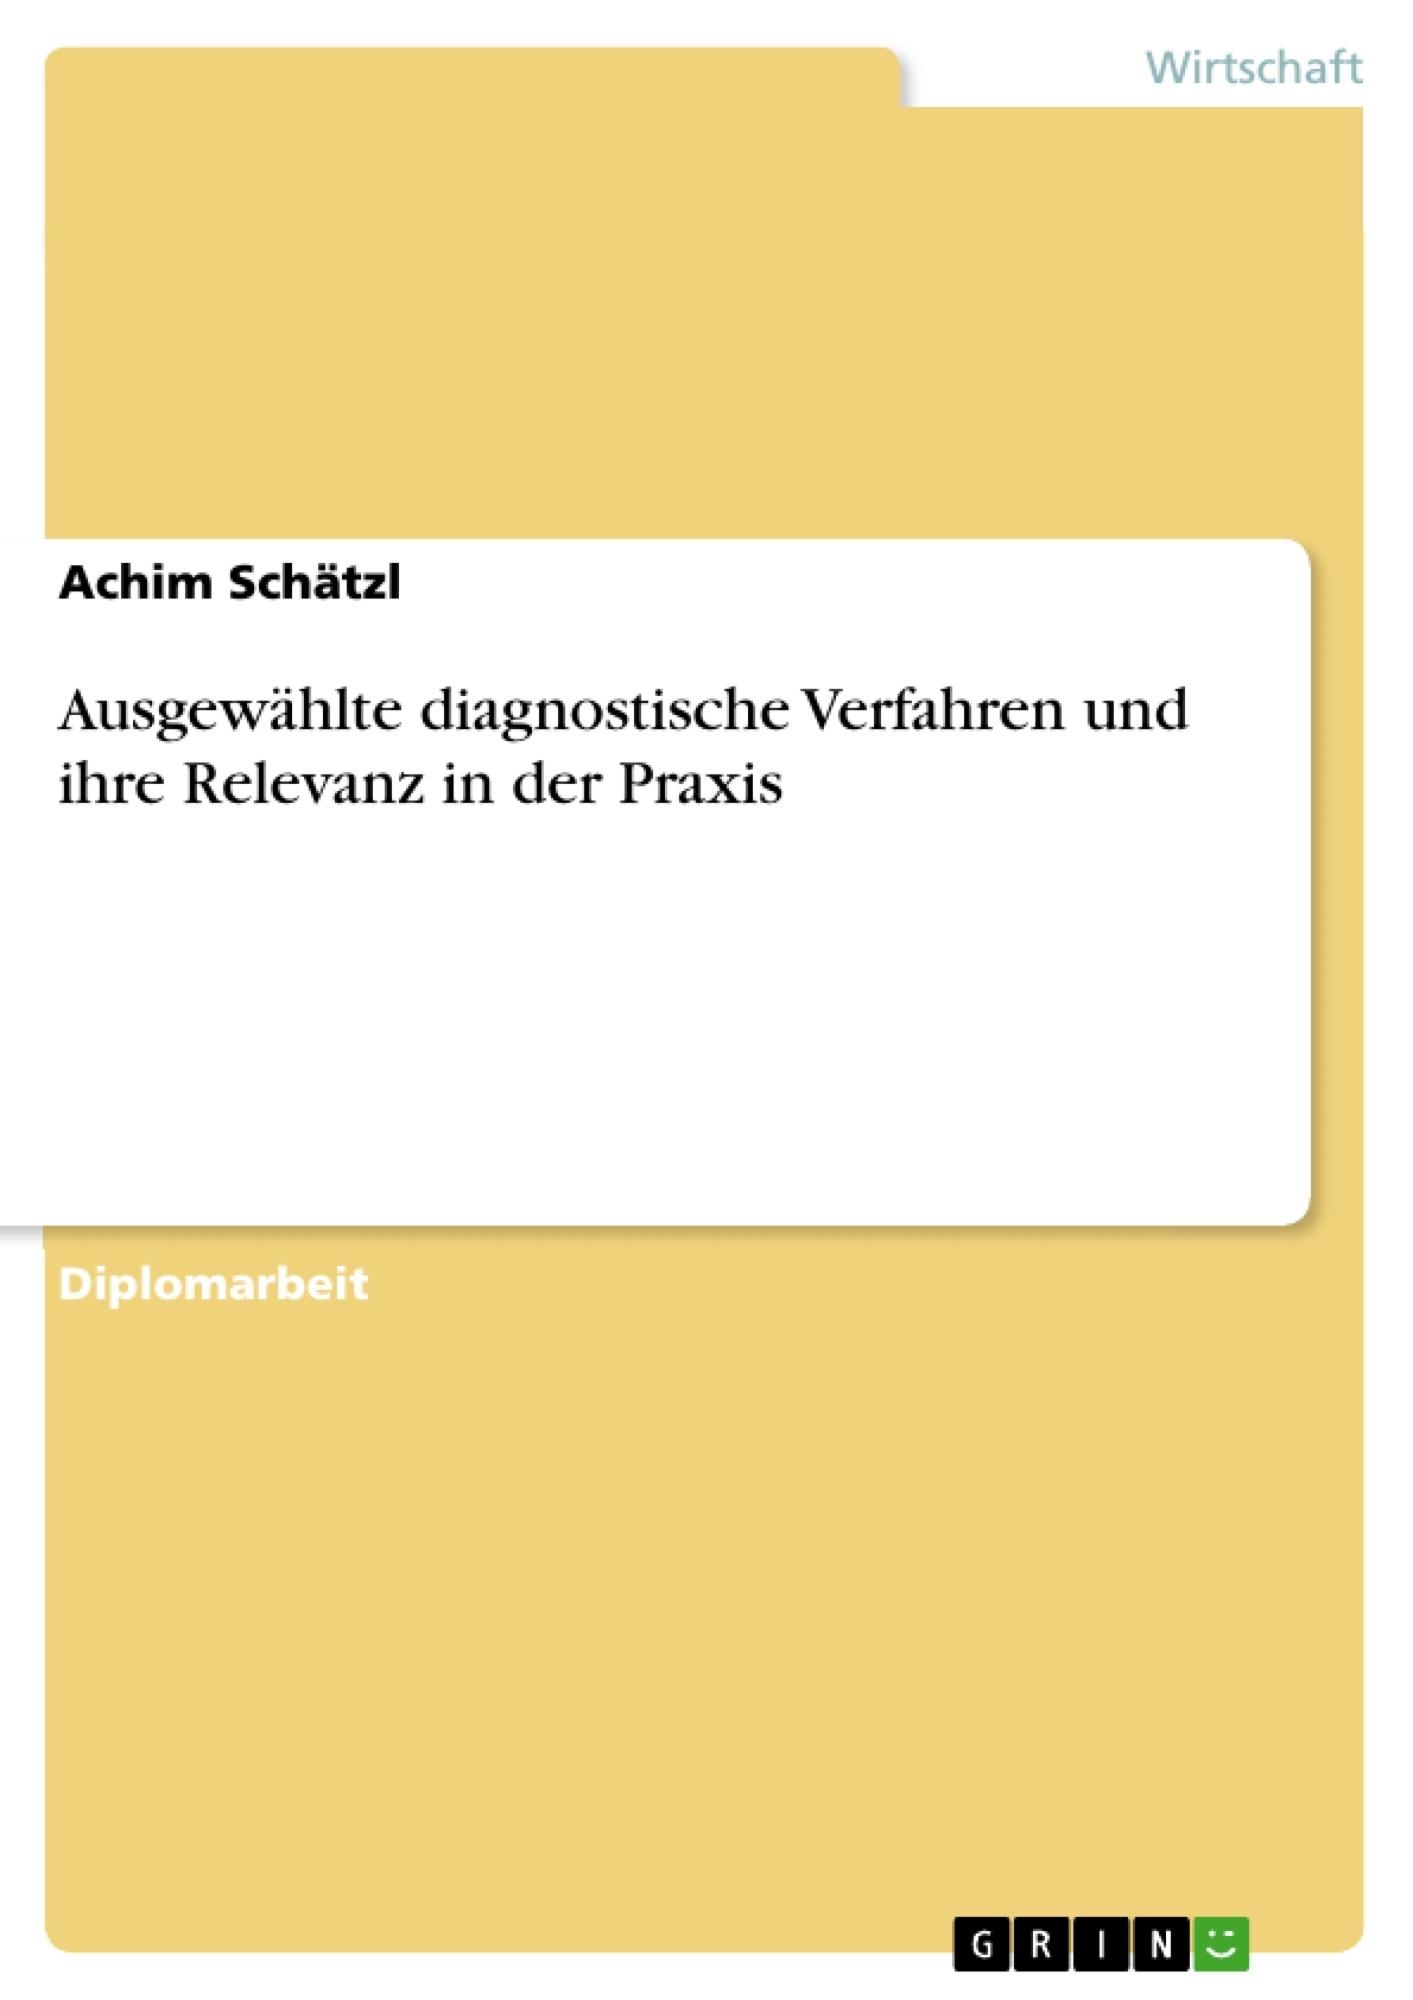 Titel: Ausgewählte diagnostische Verfahren und ihre Relevanz in der Praxis